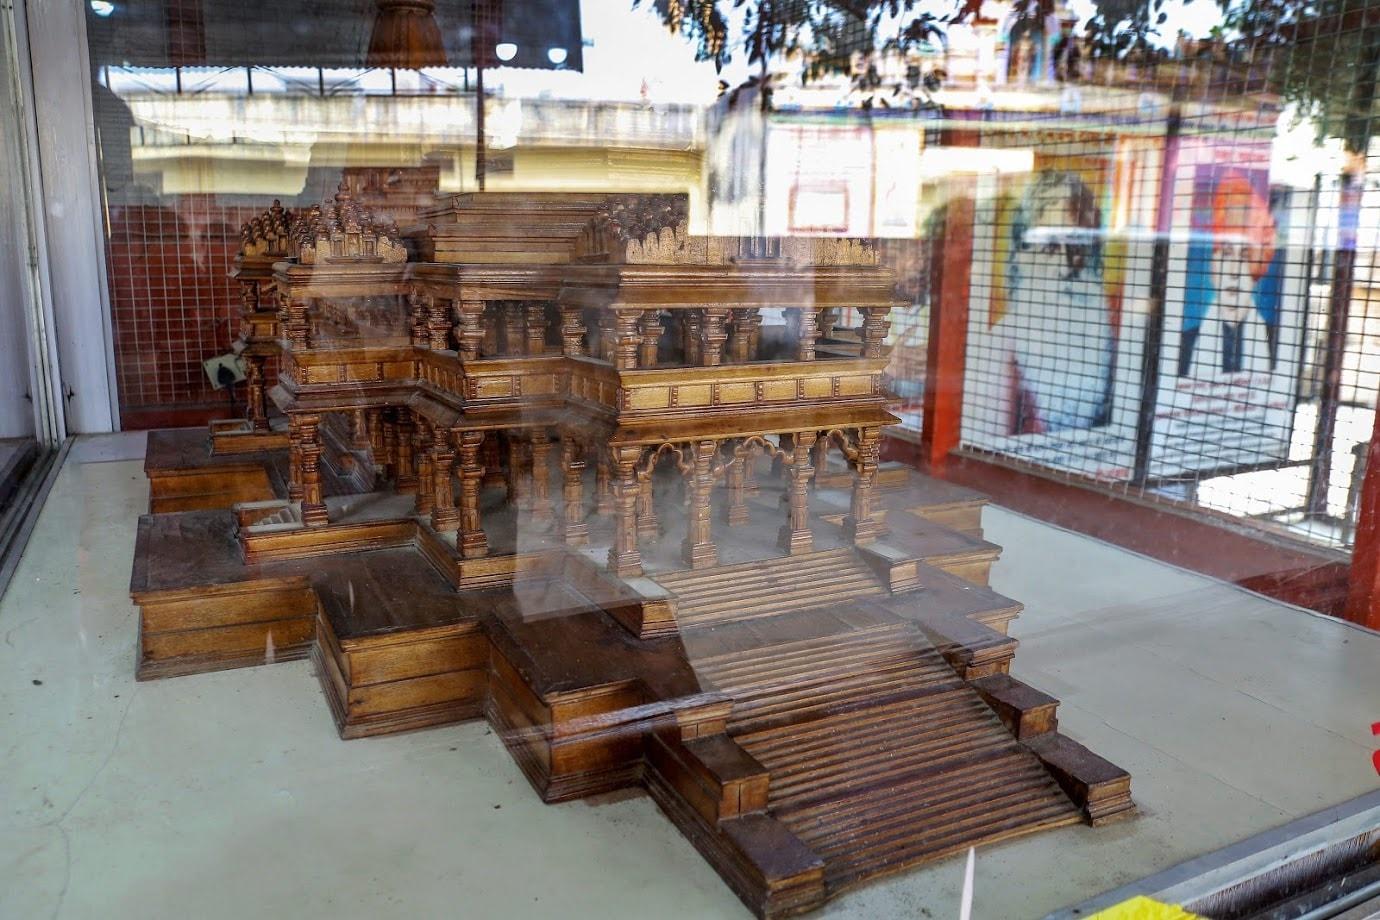 अयोध्या के कारसेवकपुरम में राम जन्मभूमि न्यास द्वारा संचालित कार्यशाला में कार्य की प्रगति धीमी हो गई है. ऐसा कोष की कमी और कारीगरों व शिल्पकारों की संख्या में कमी आने के कारण हुआ है. यह जानकारी 'मंदिर' निर्माण के लिए 1990 से चलाई जा रही कार्यशाला के प्रभारी ने दी है. यहां पर एक शीशे के बॉक्स में प्रस्तावित राम मंदिर का लकड़ी का मॉडल भी रखा हुआ है (All images:PTI)